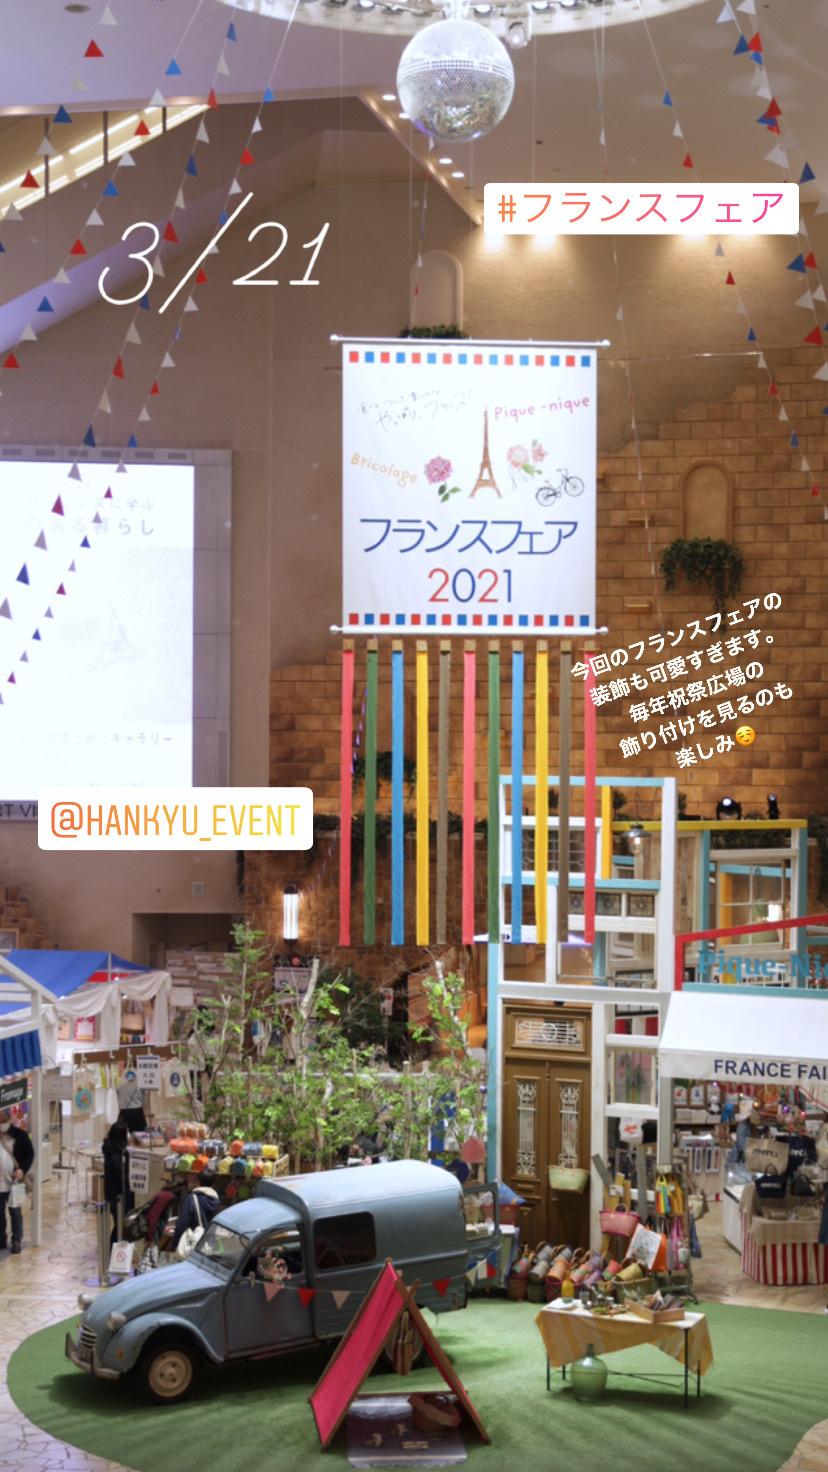 阪急うめだ本店 フランスフェア 同時開催10Fスーク 「白いフランス蚤の市」が終了しました。_b0179814_08151094.jpeg